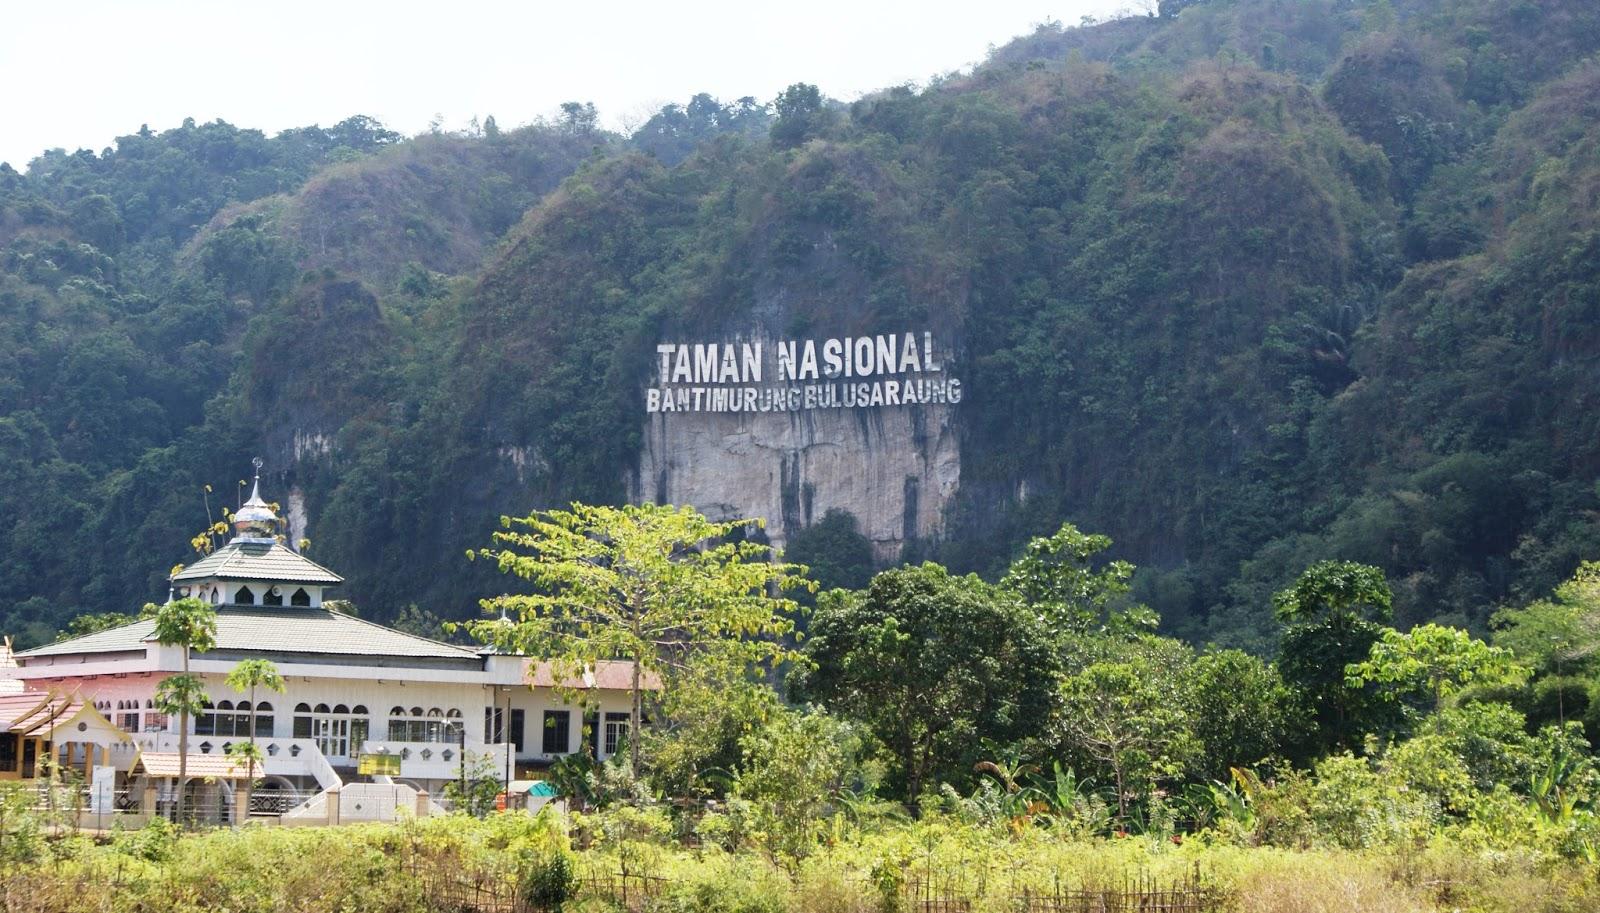 Taman Nasional Bantimurung Sulawesi